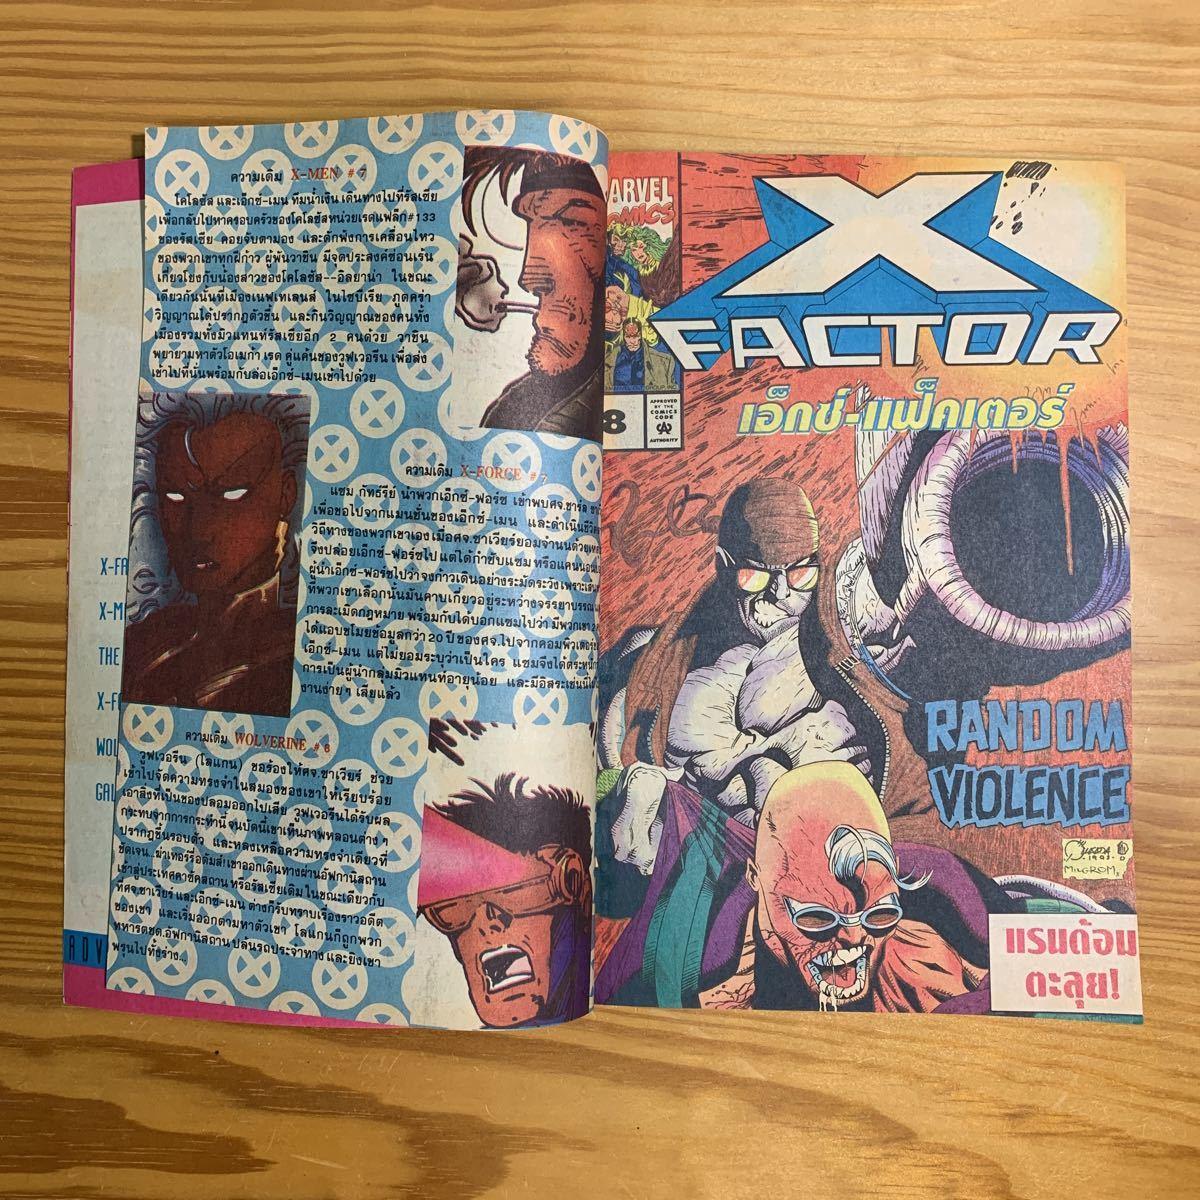 タイ版! レア! X-Men Xメン Wolverine ウルヴァリン X-Factor Marvel Comic マーベル コミック DC アメコミ タイ語 古本 Vintage 90's 希少_画像4